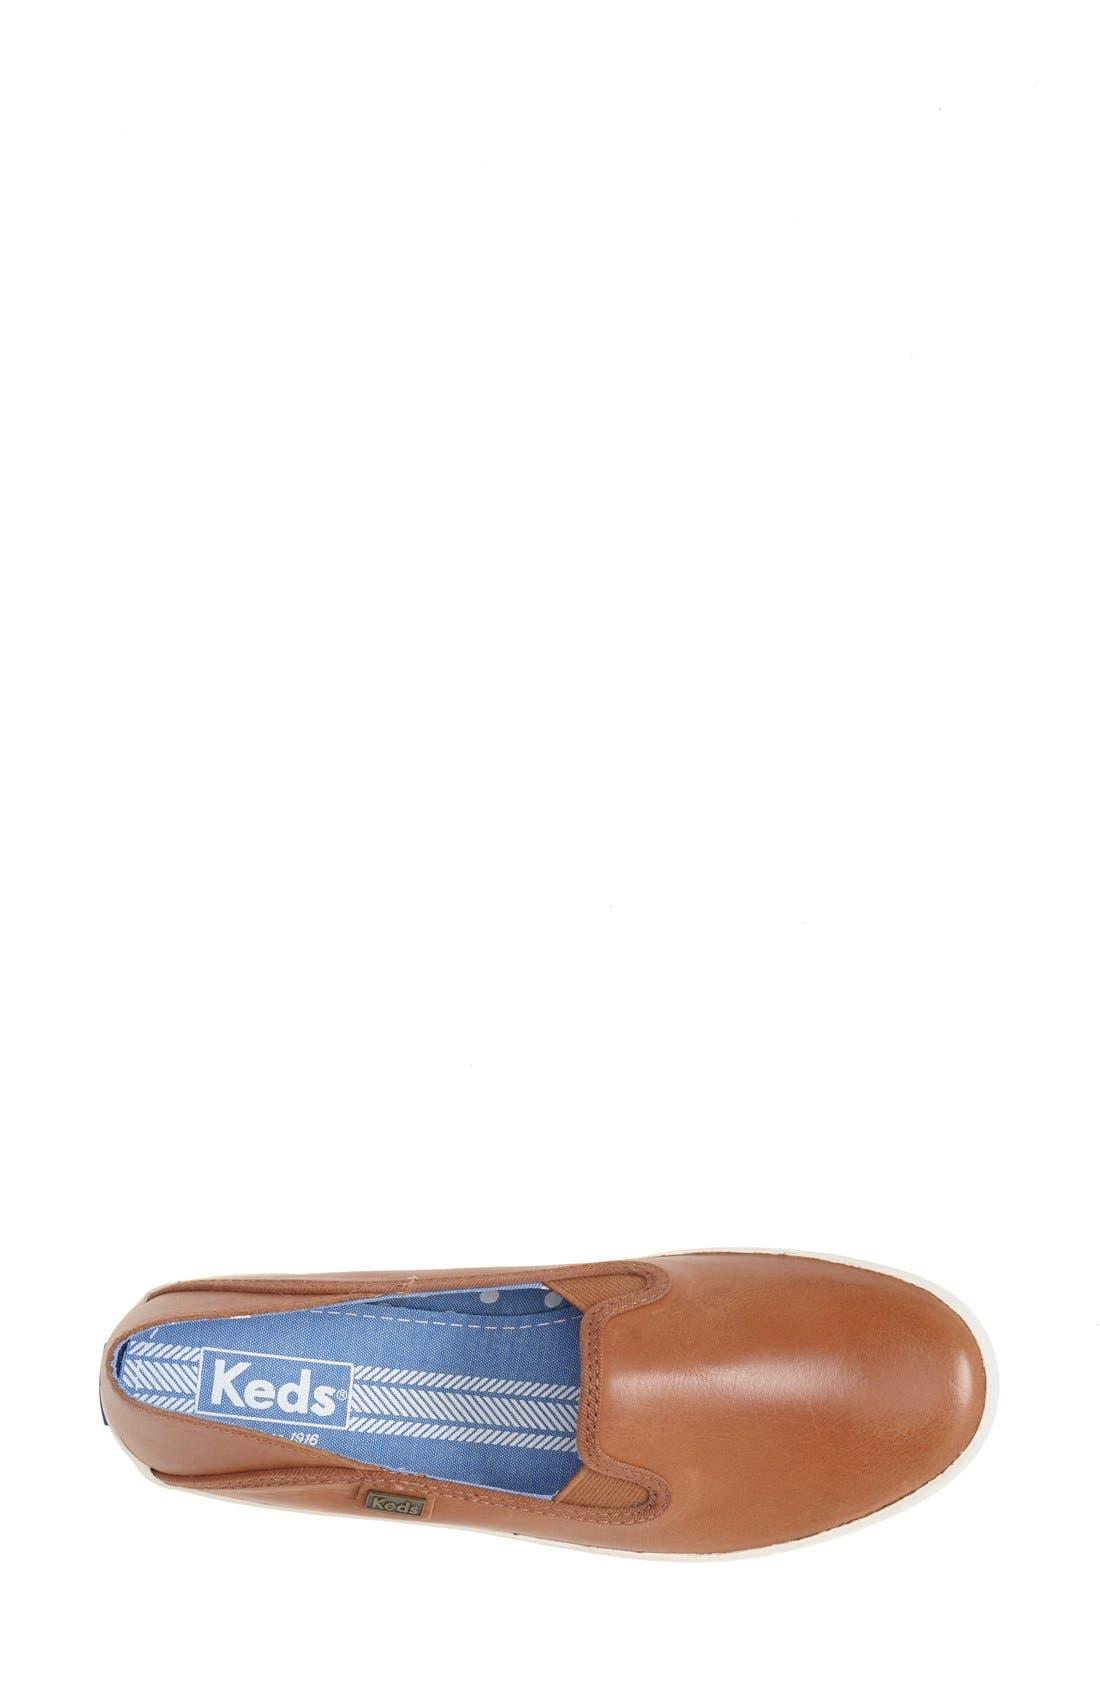 Alternate Image 3  - Keds® 'Crashback' Leather Slip-On (Women)